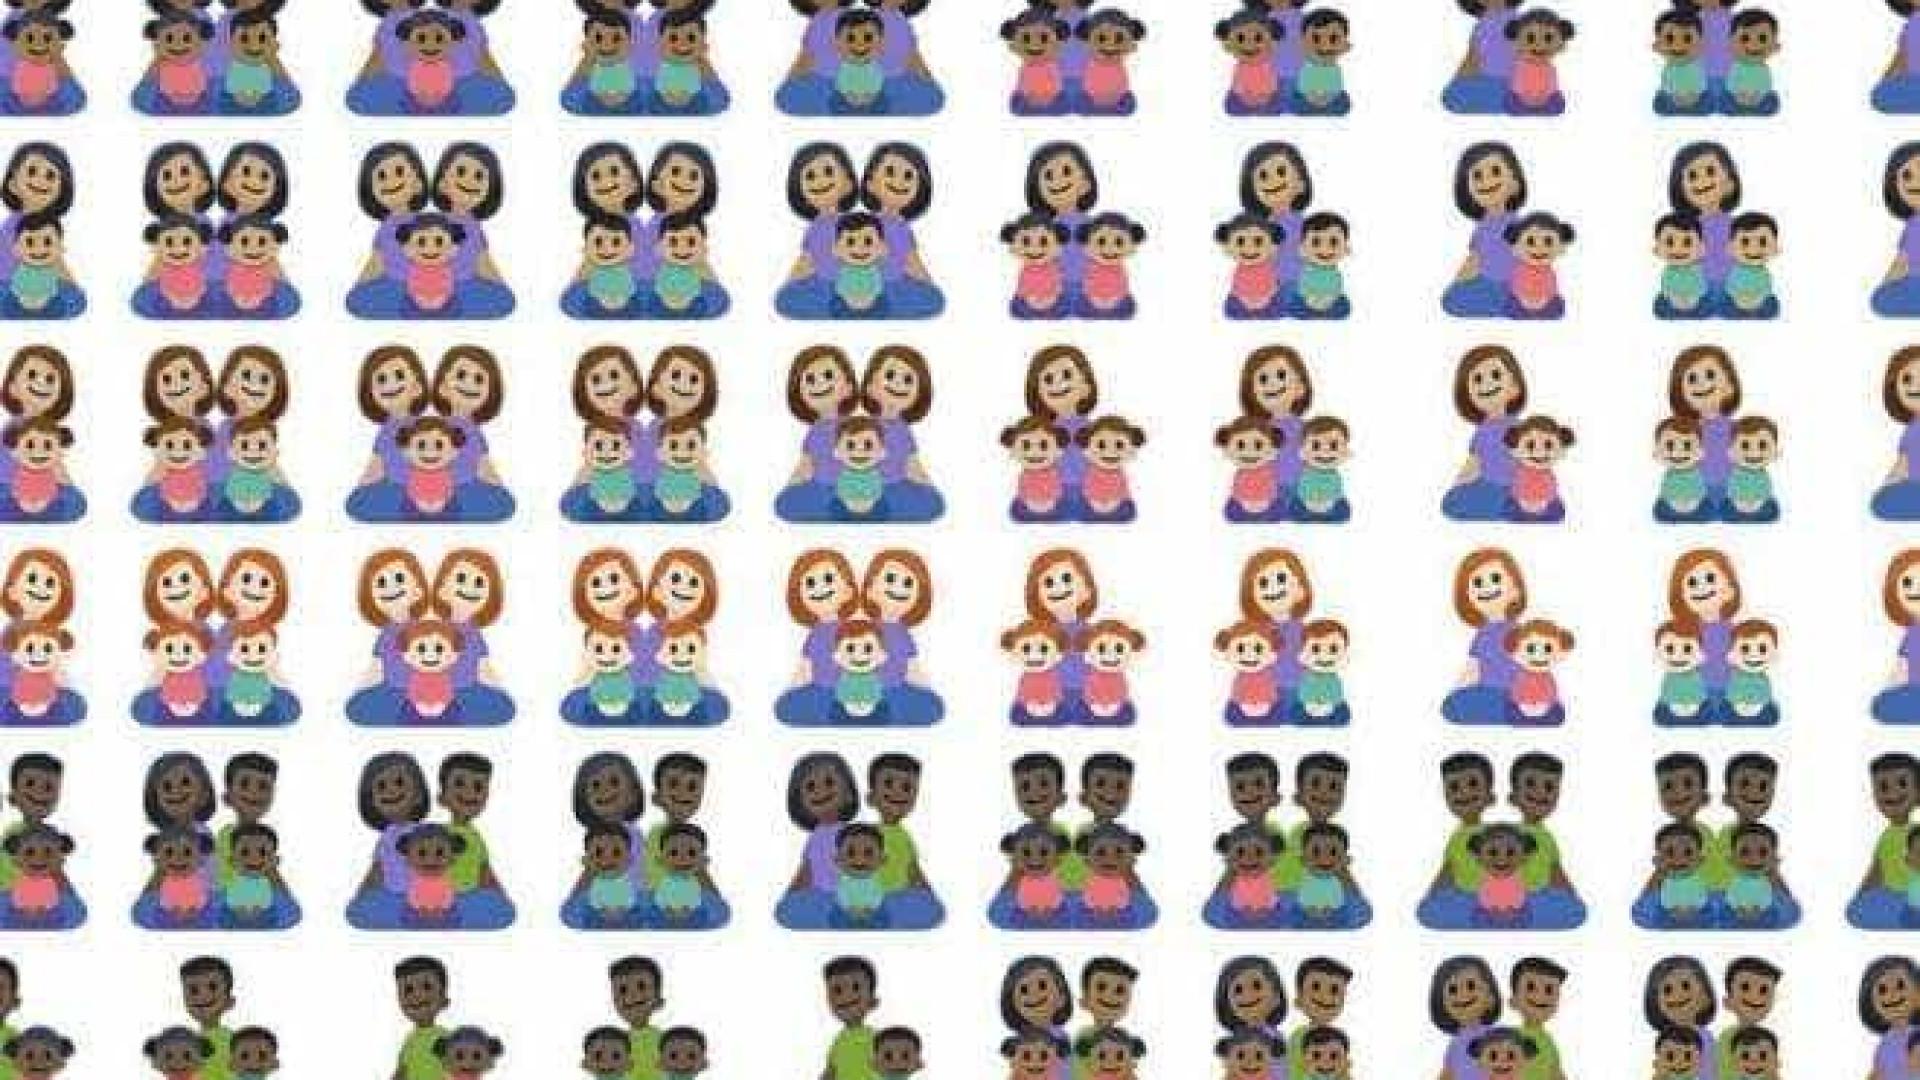 naom 59a024d5dc534 - Facebook libera mais de cem emojis de família